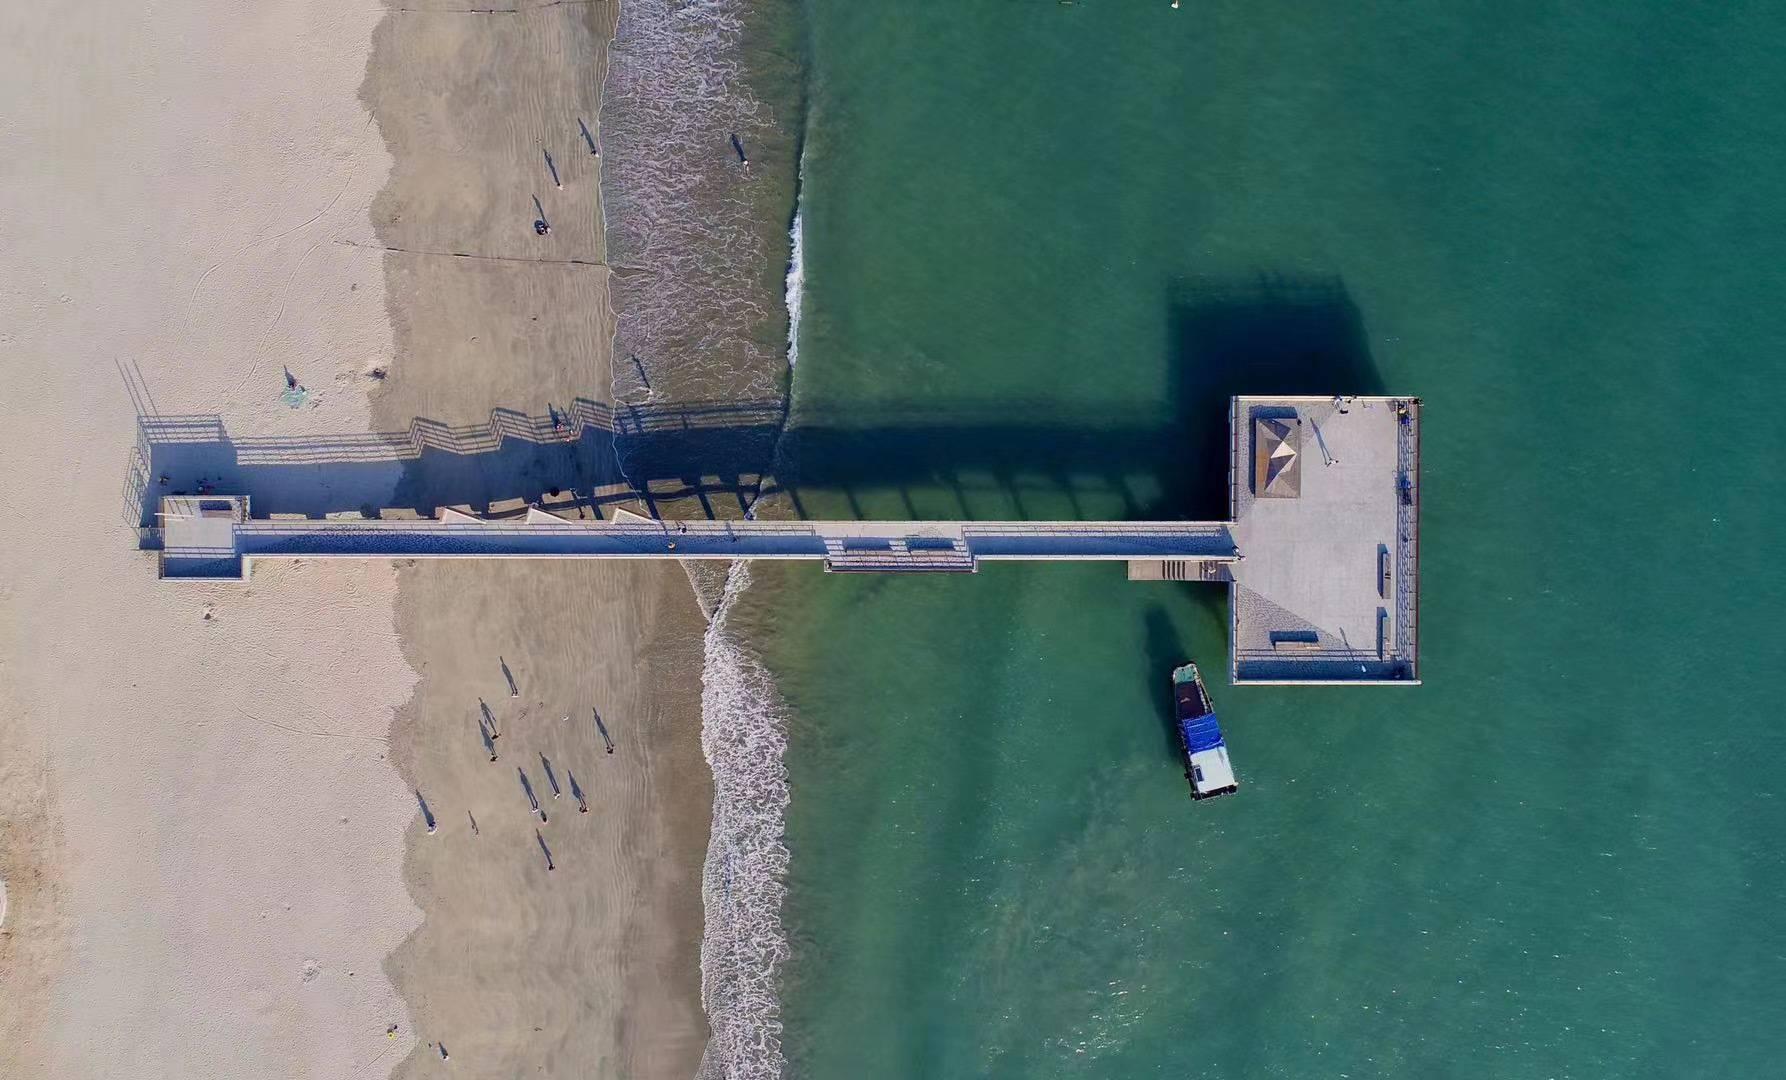 【惠州】全年平日周末不加收!399元抢双月湾海景两房一厅!推窗见海!每间房都能尽览双月湾的蔚蓝!离沙滩仅需步行3分钟!